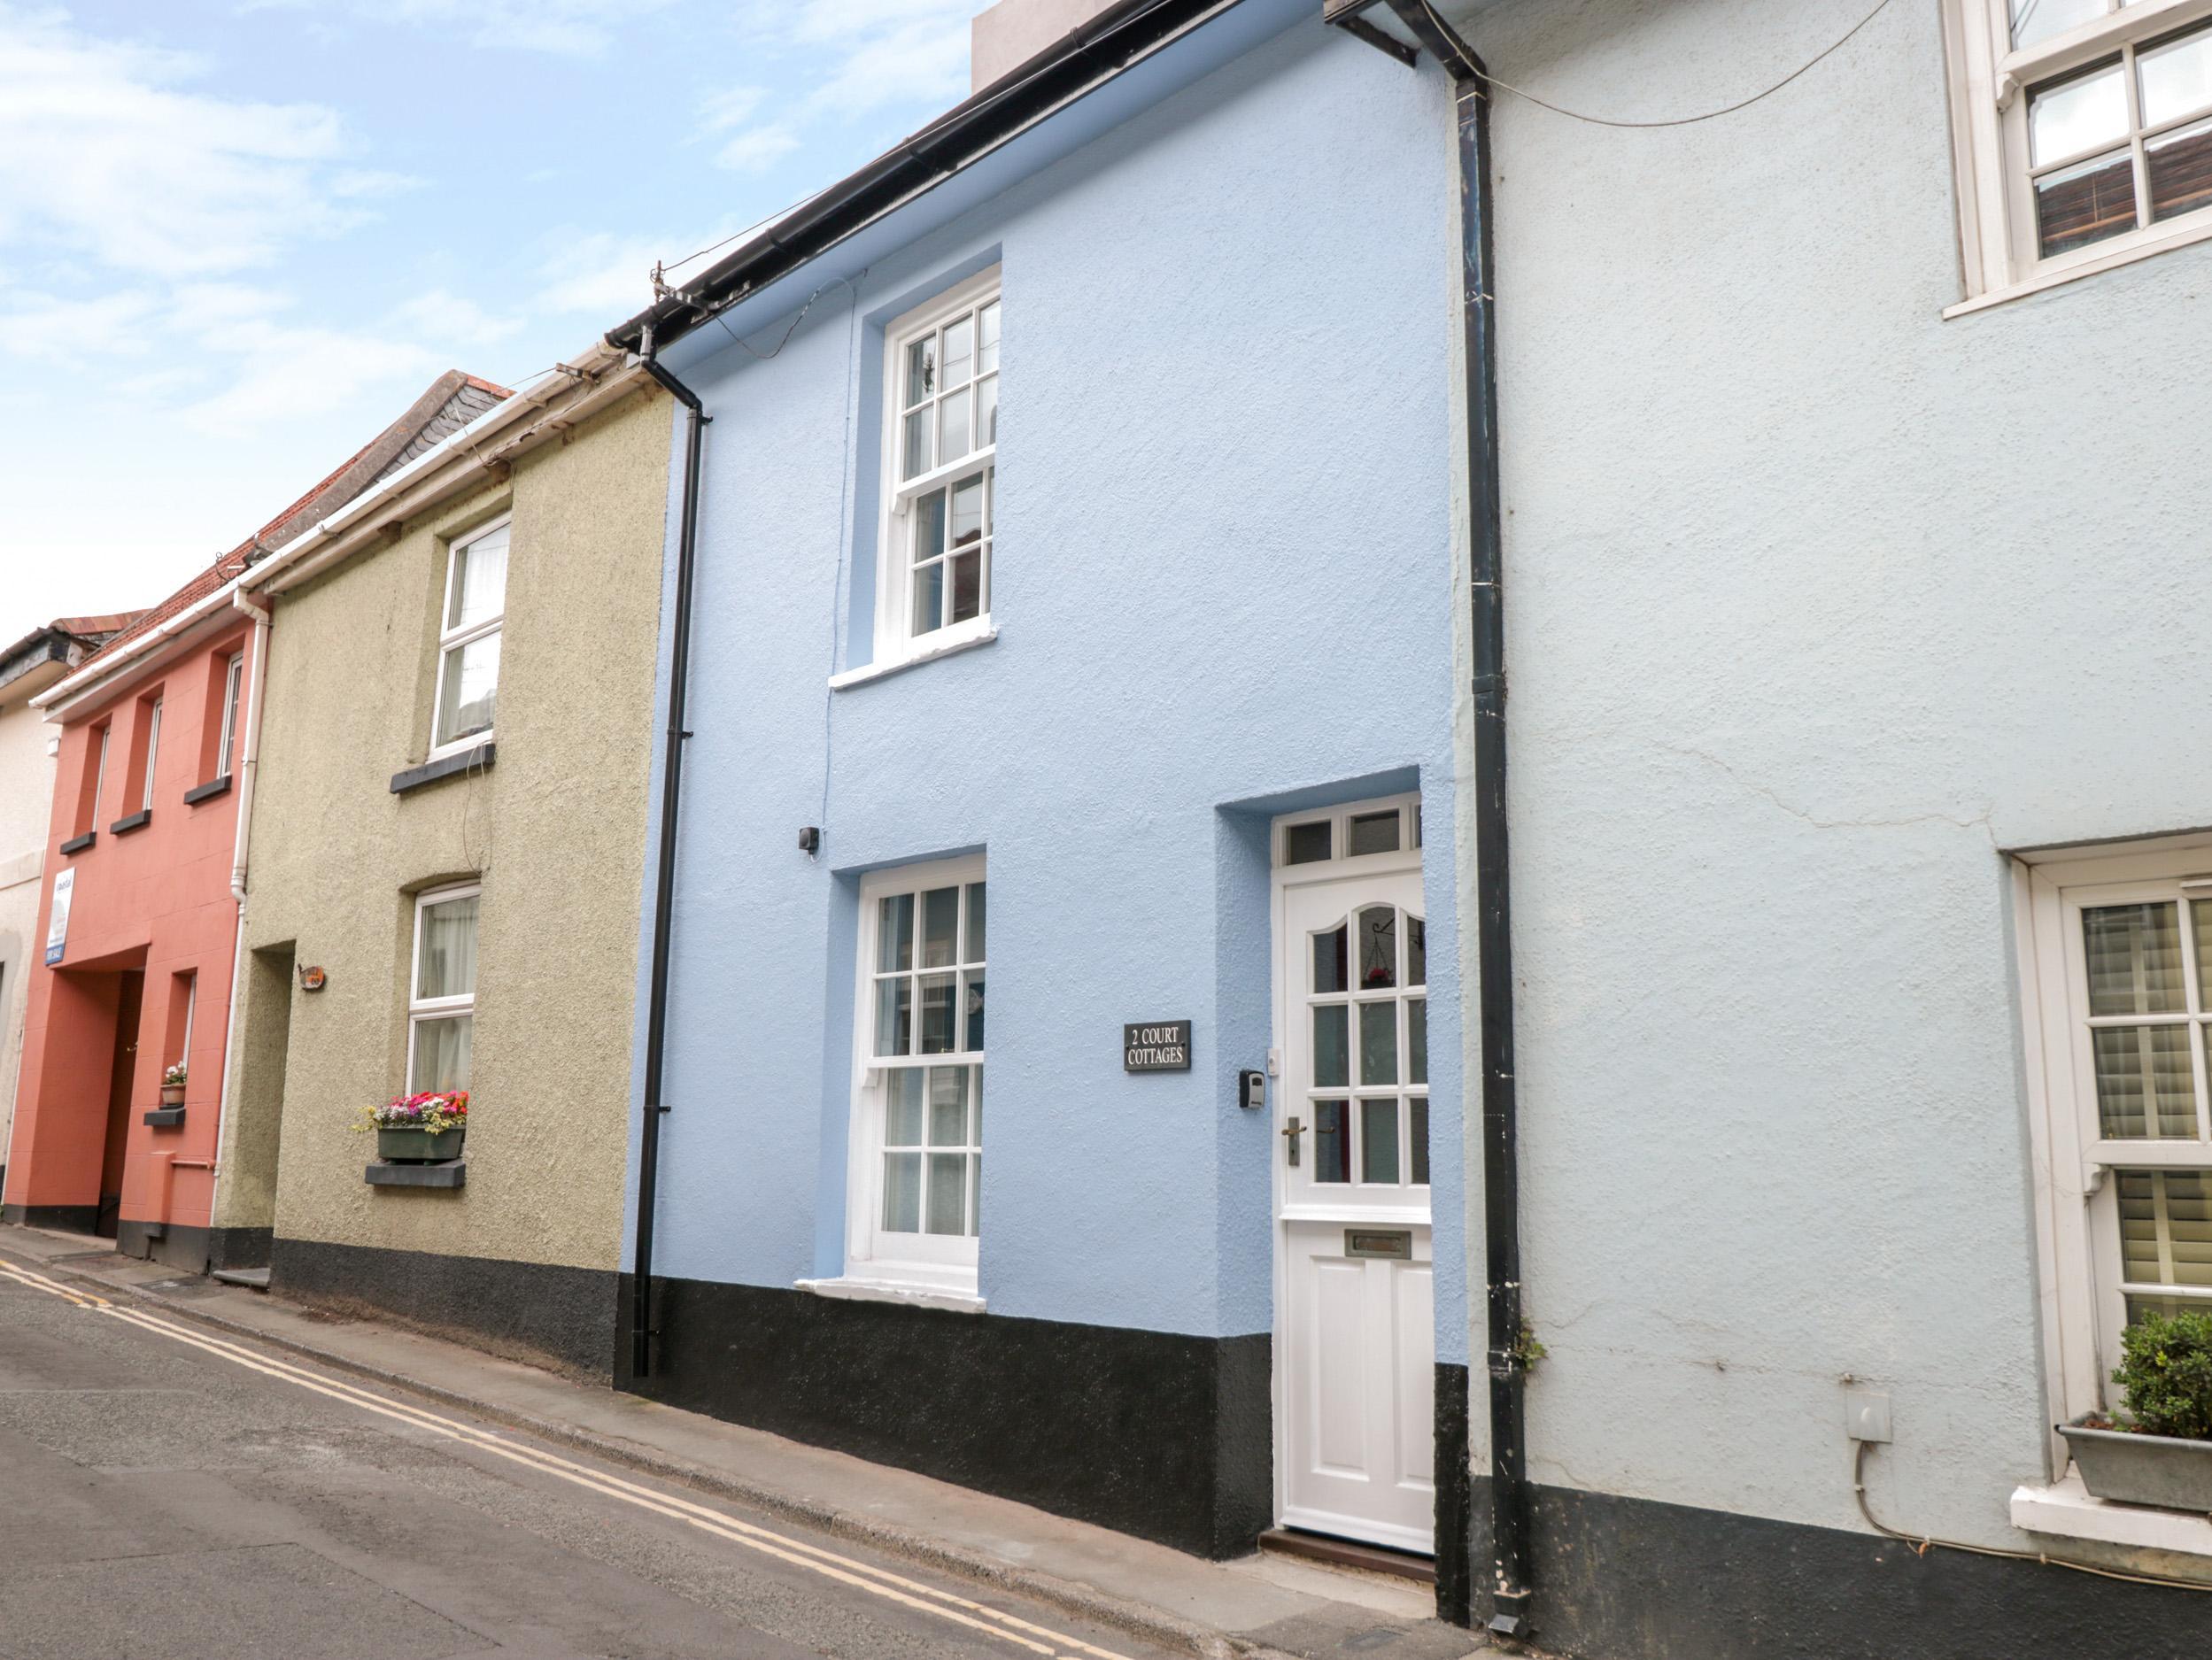 2 Court Cottages